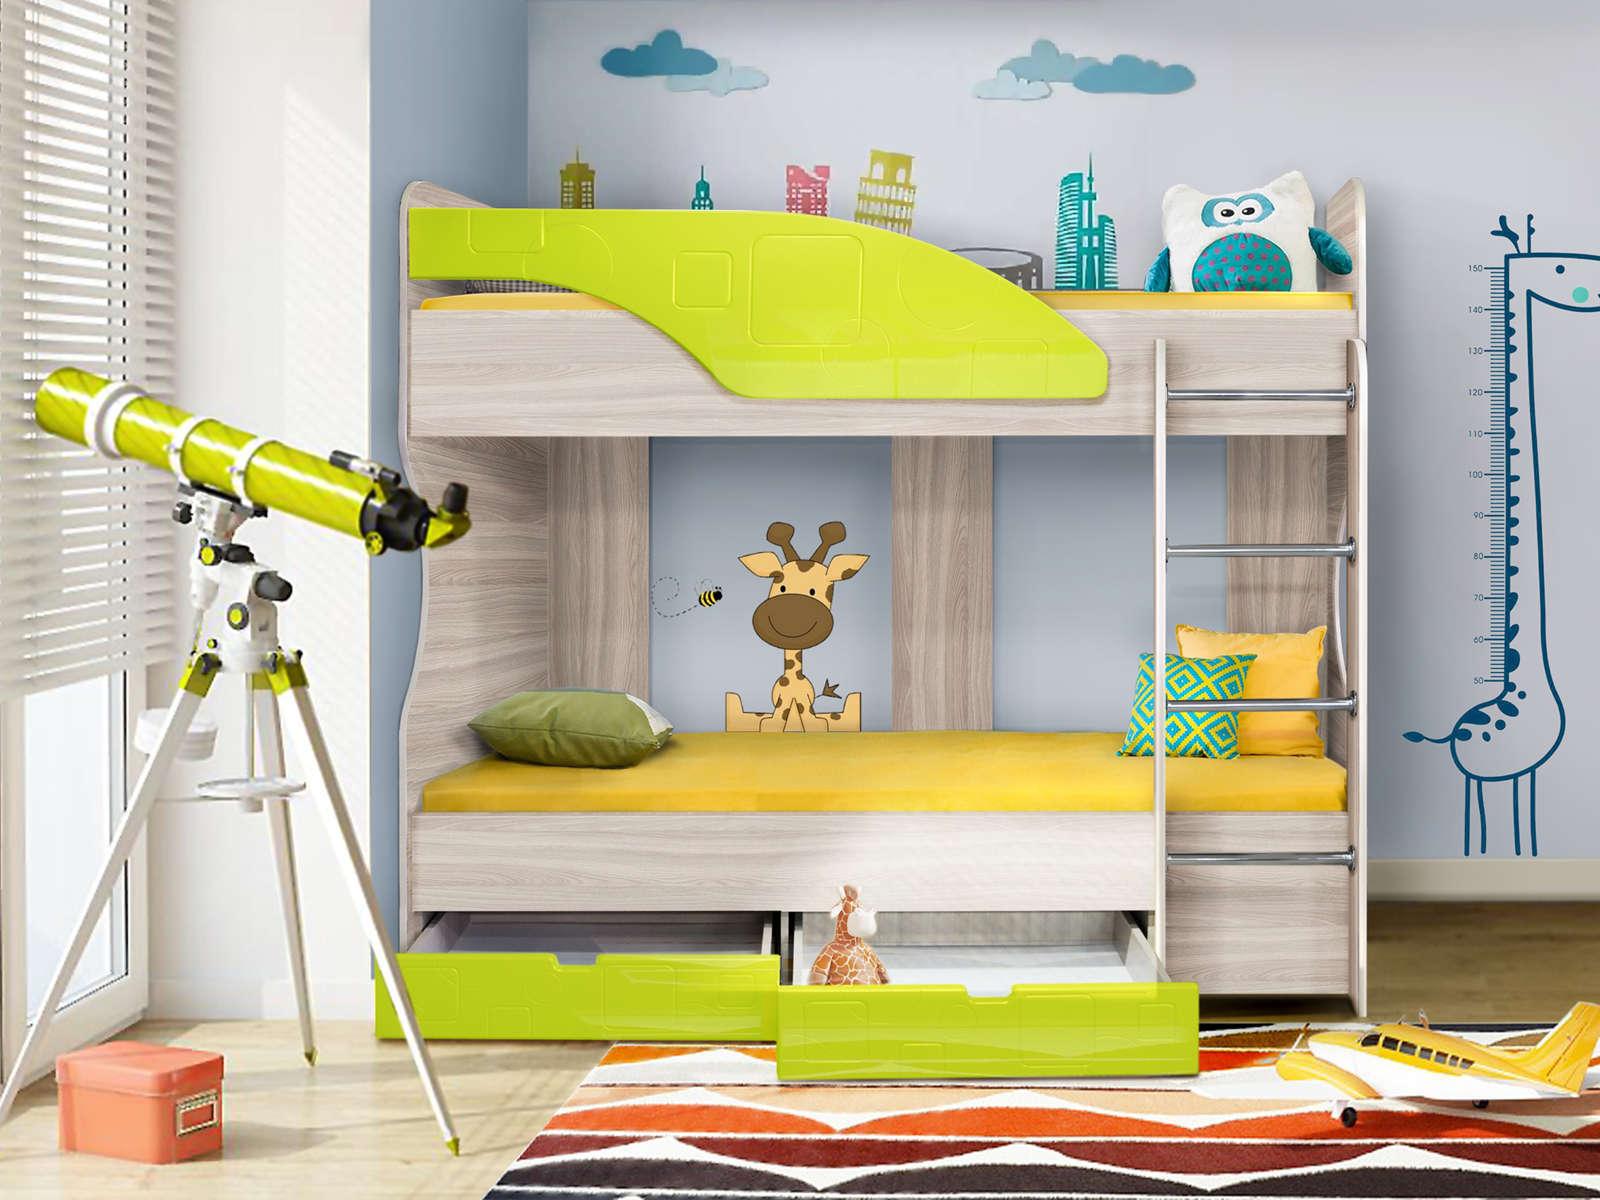 Кровать Бриз 5 (80х190) Лайм квадрат, Зеленый, Бежевый, МДФ, ЛДСП